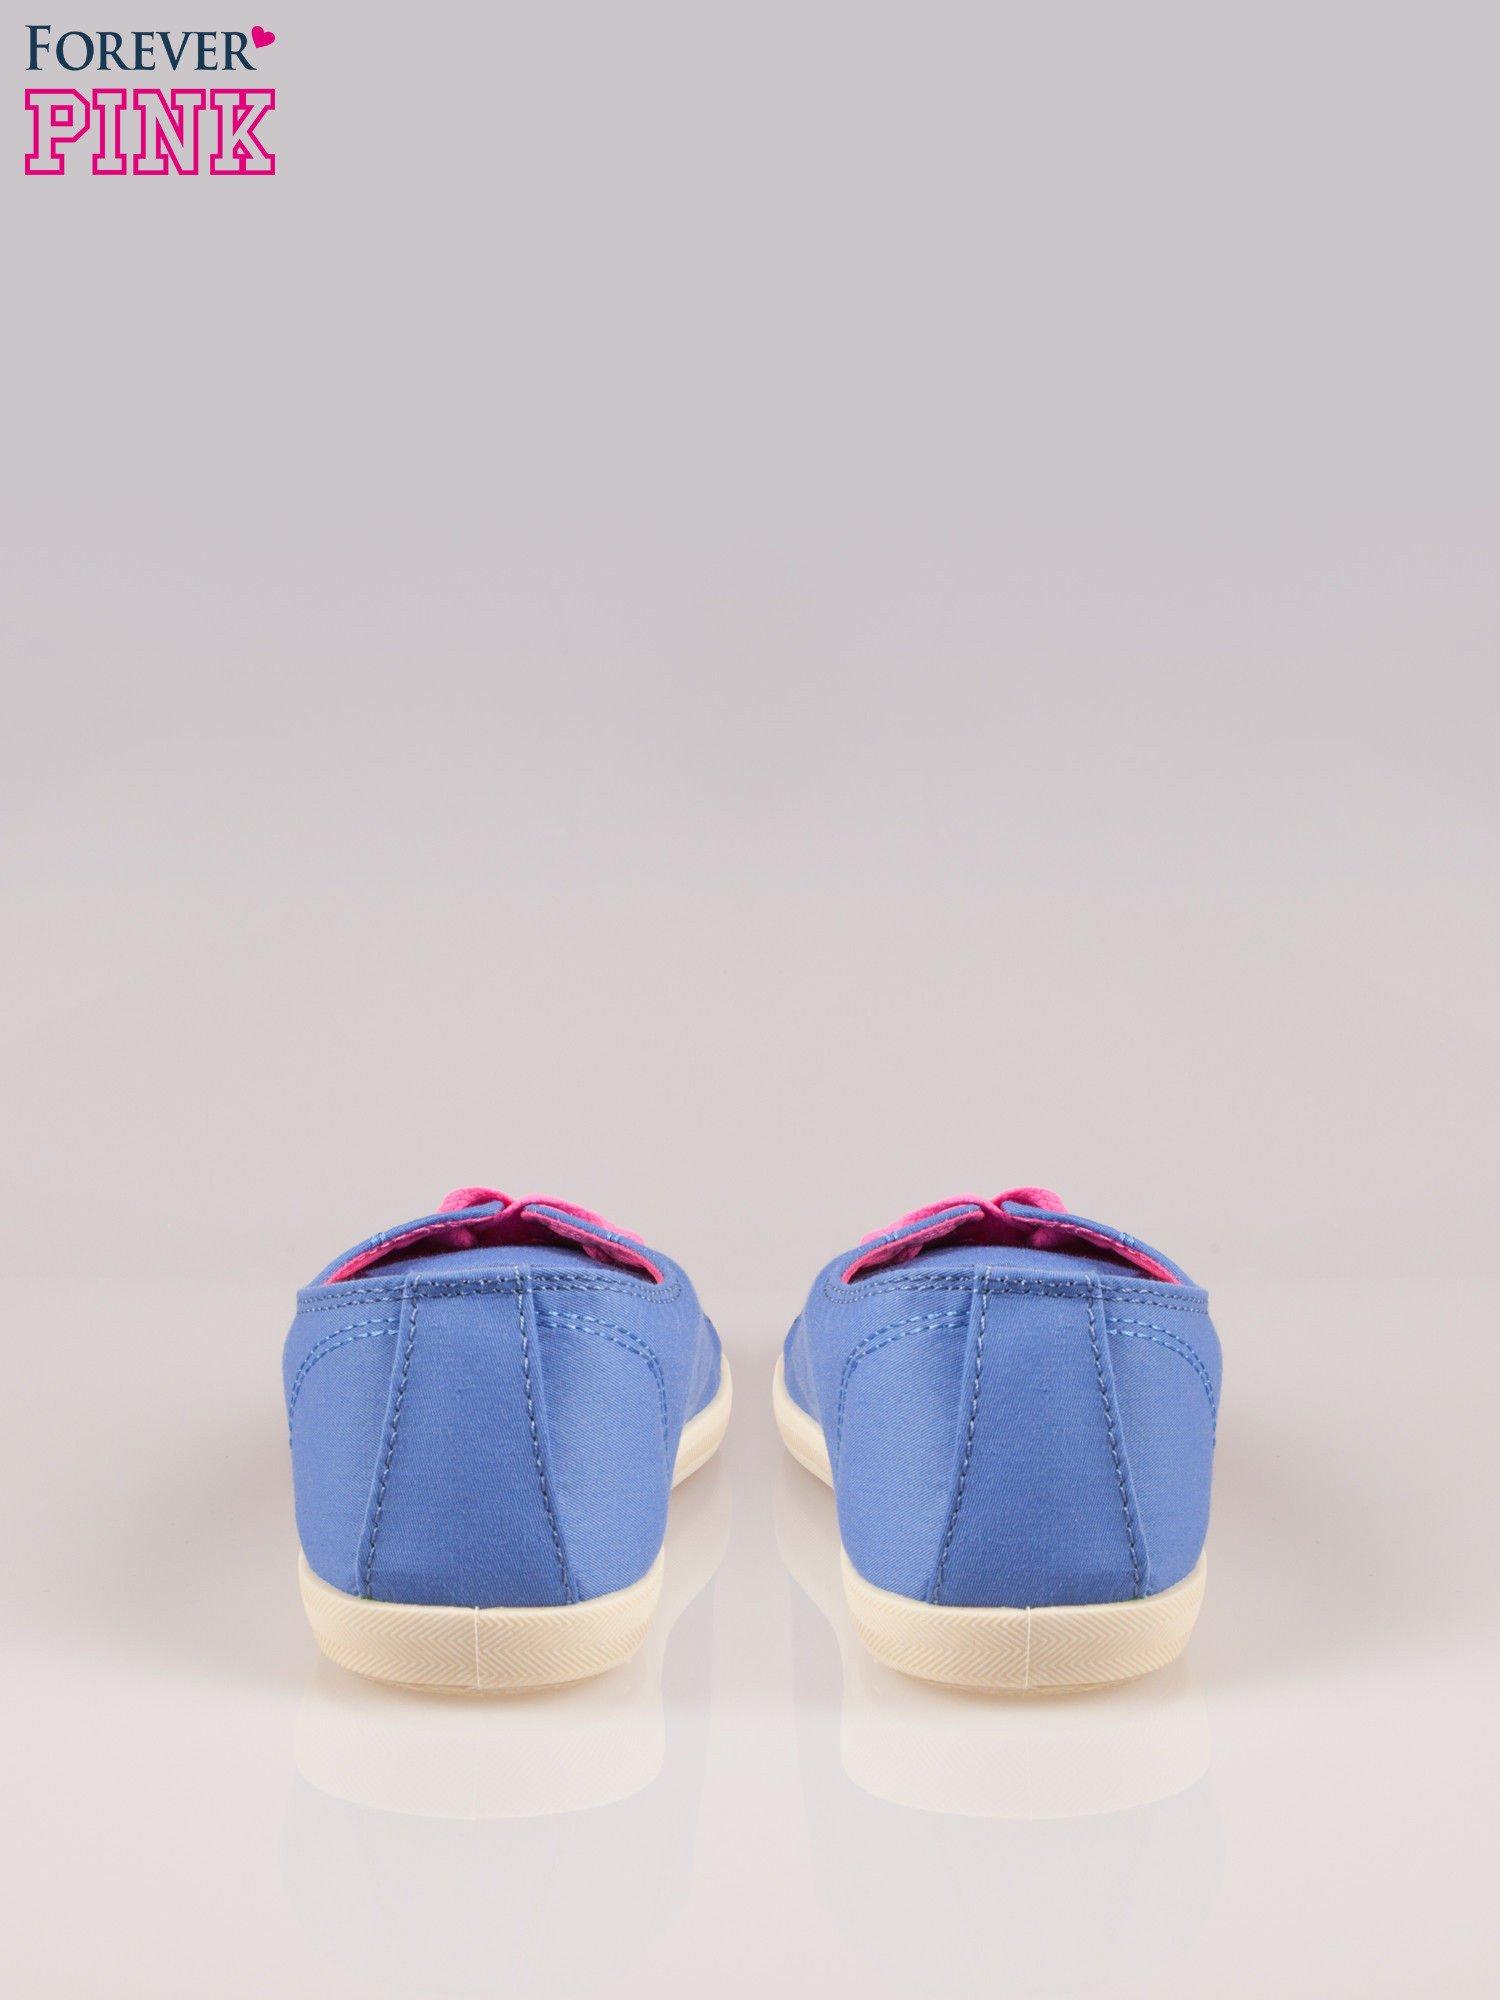 Niebieskie tenisówki damskie z różowymi sznurówkami                                  zdj.                                  3